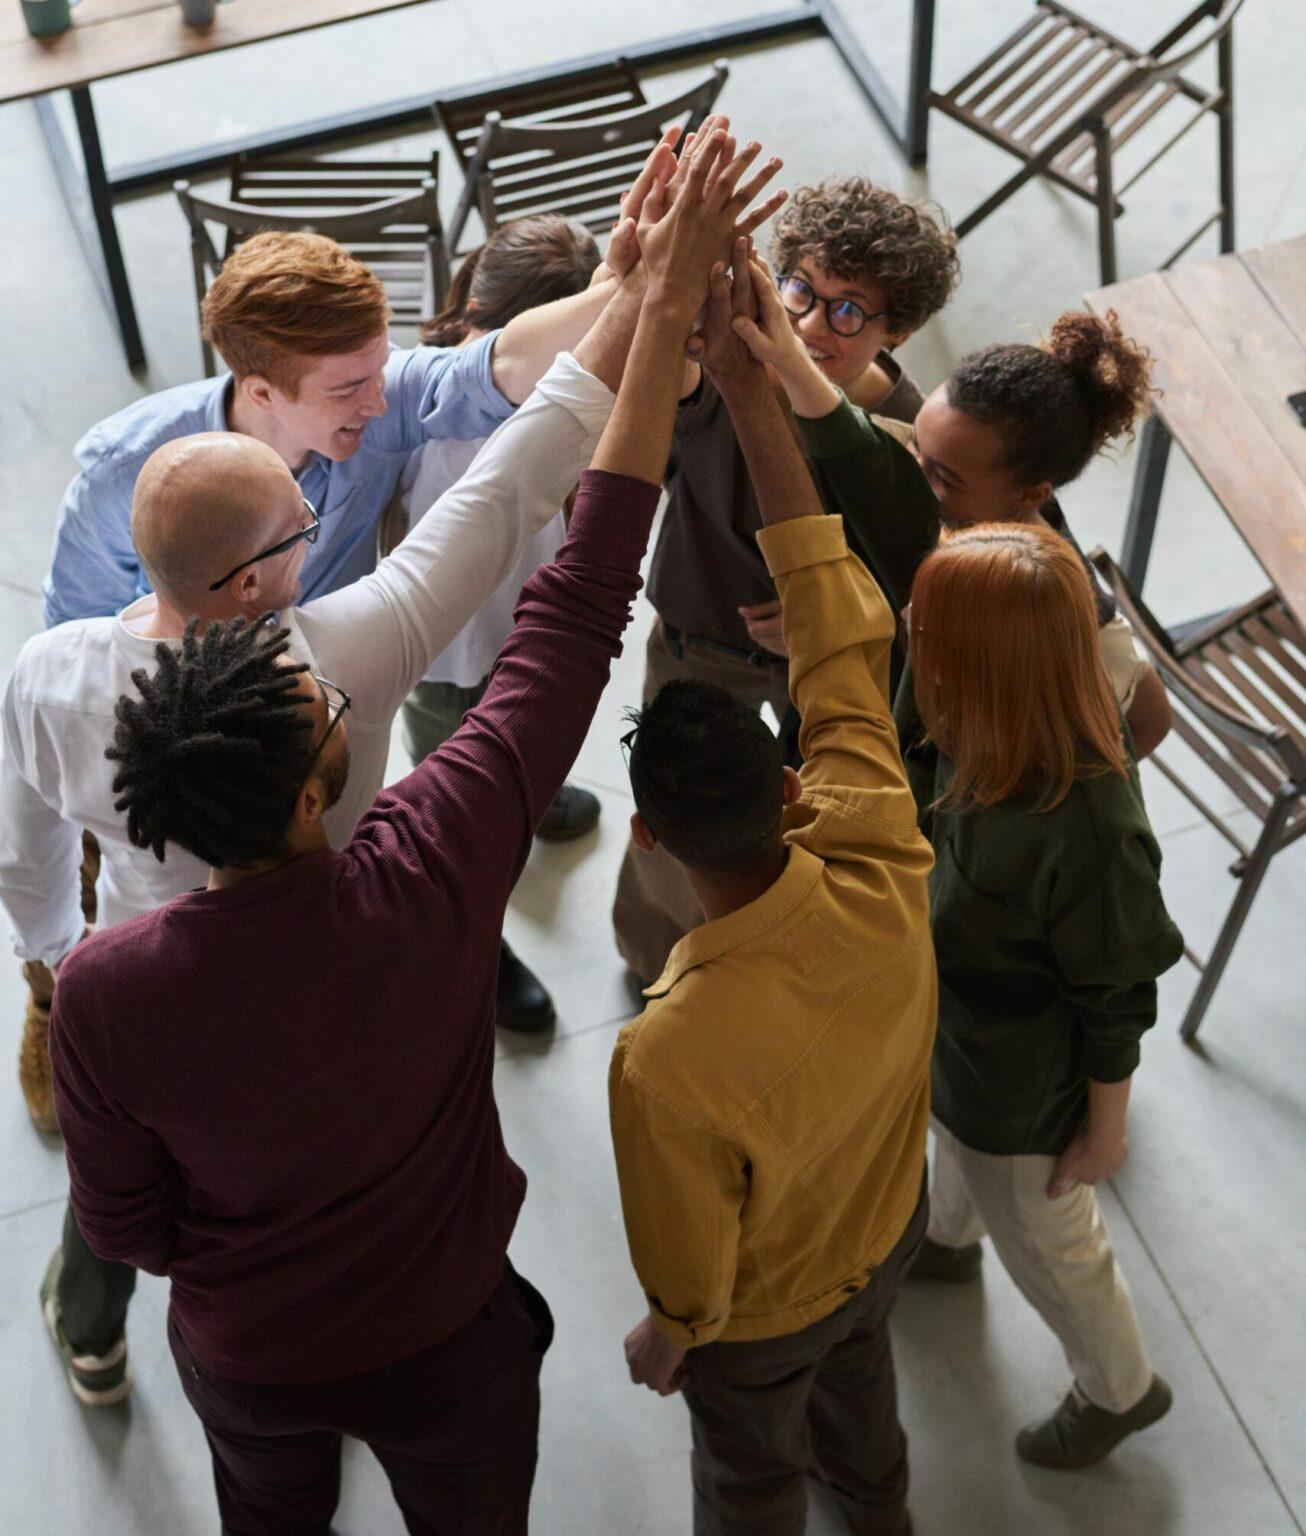 Gruppe von Menschen streckt die Hände in die Mitte